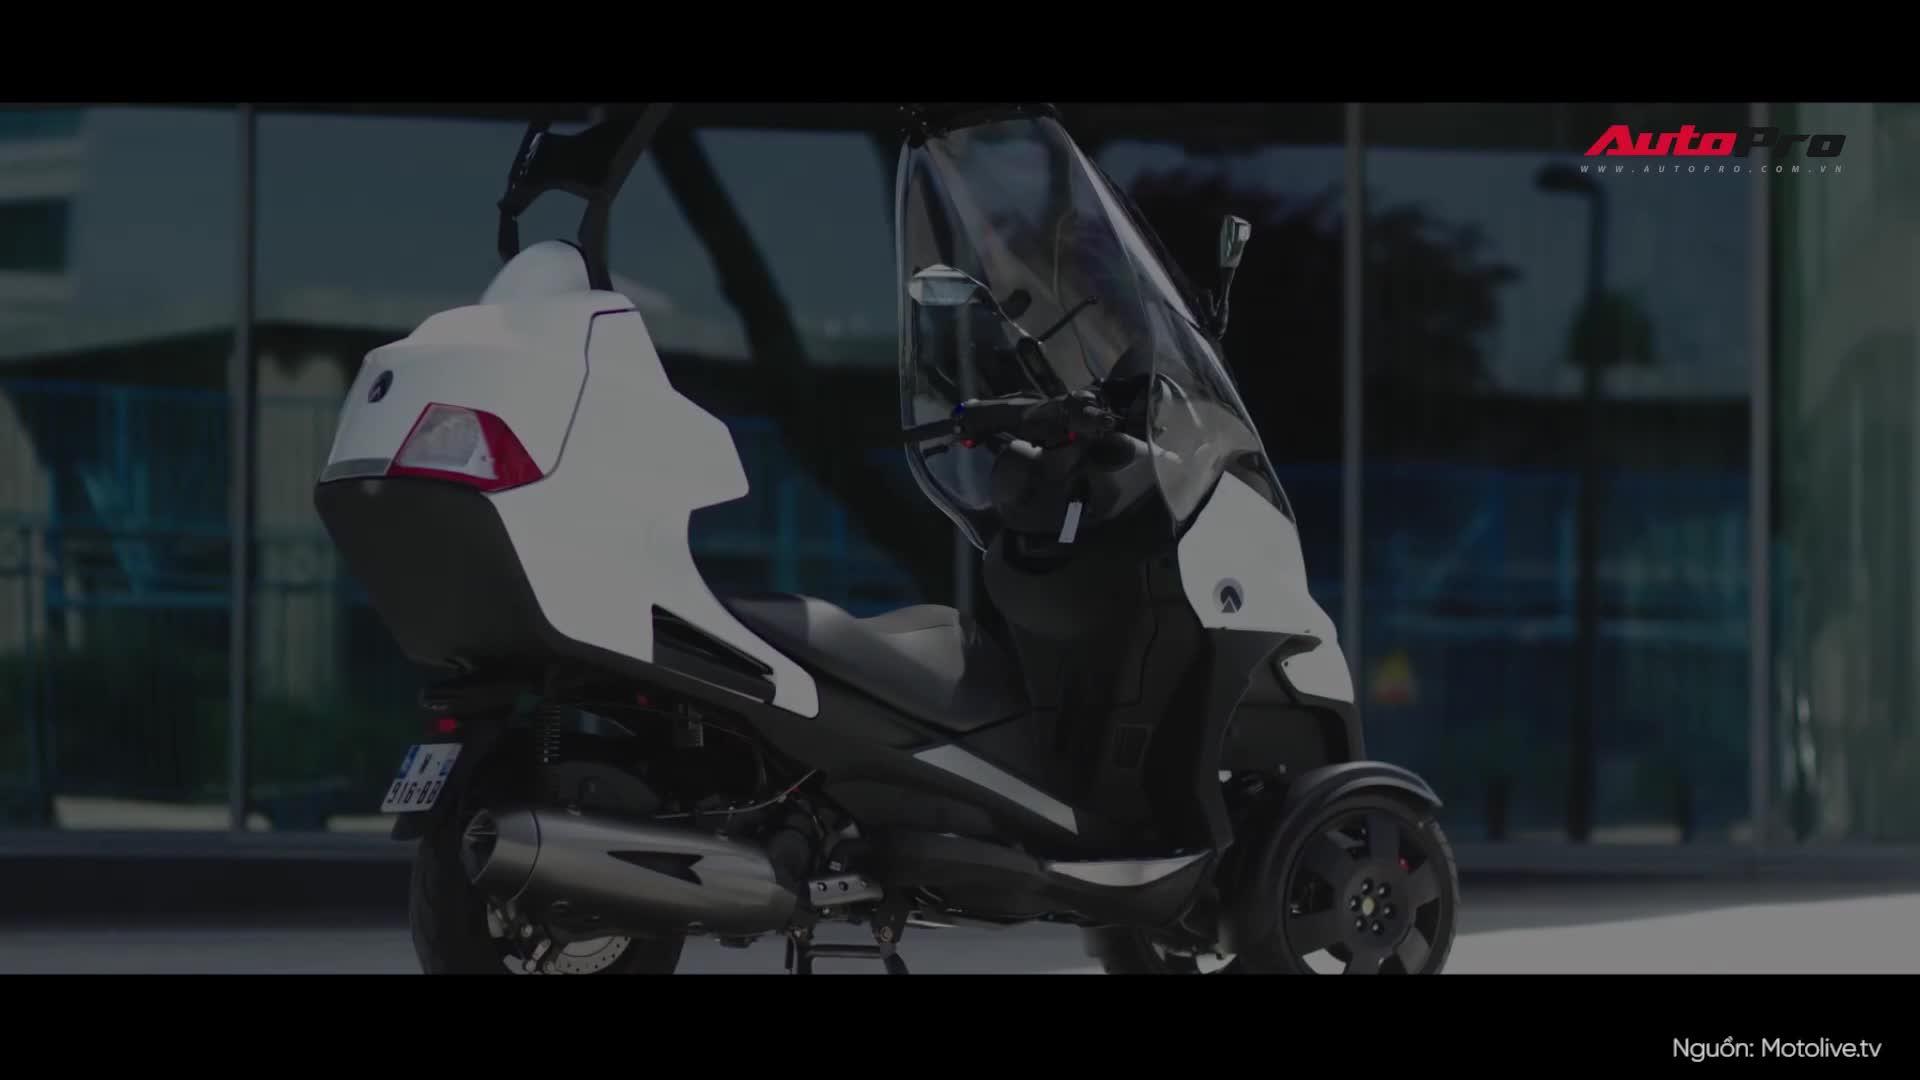 Khám phá Adiva AD3 400-3W: Mẫu Scooter 3 bánh có thể đóng mở mui